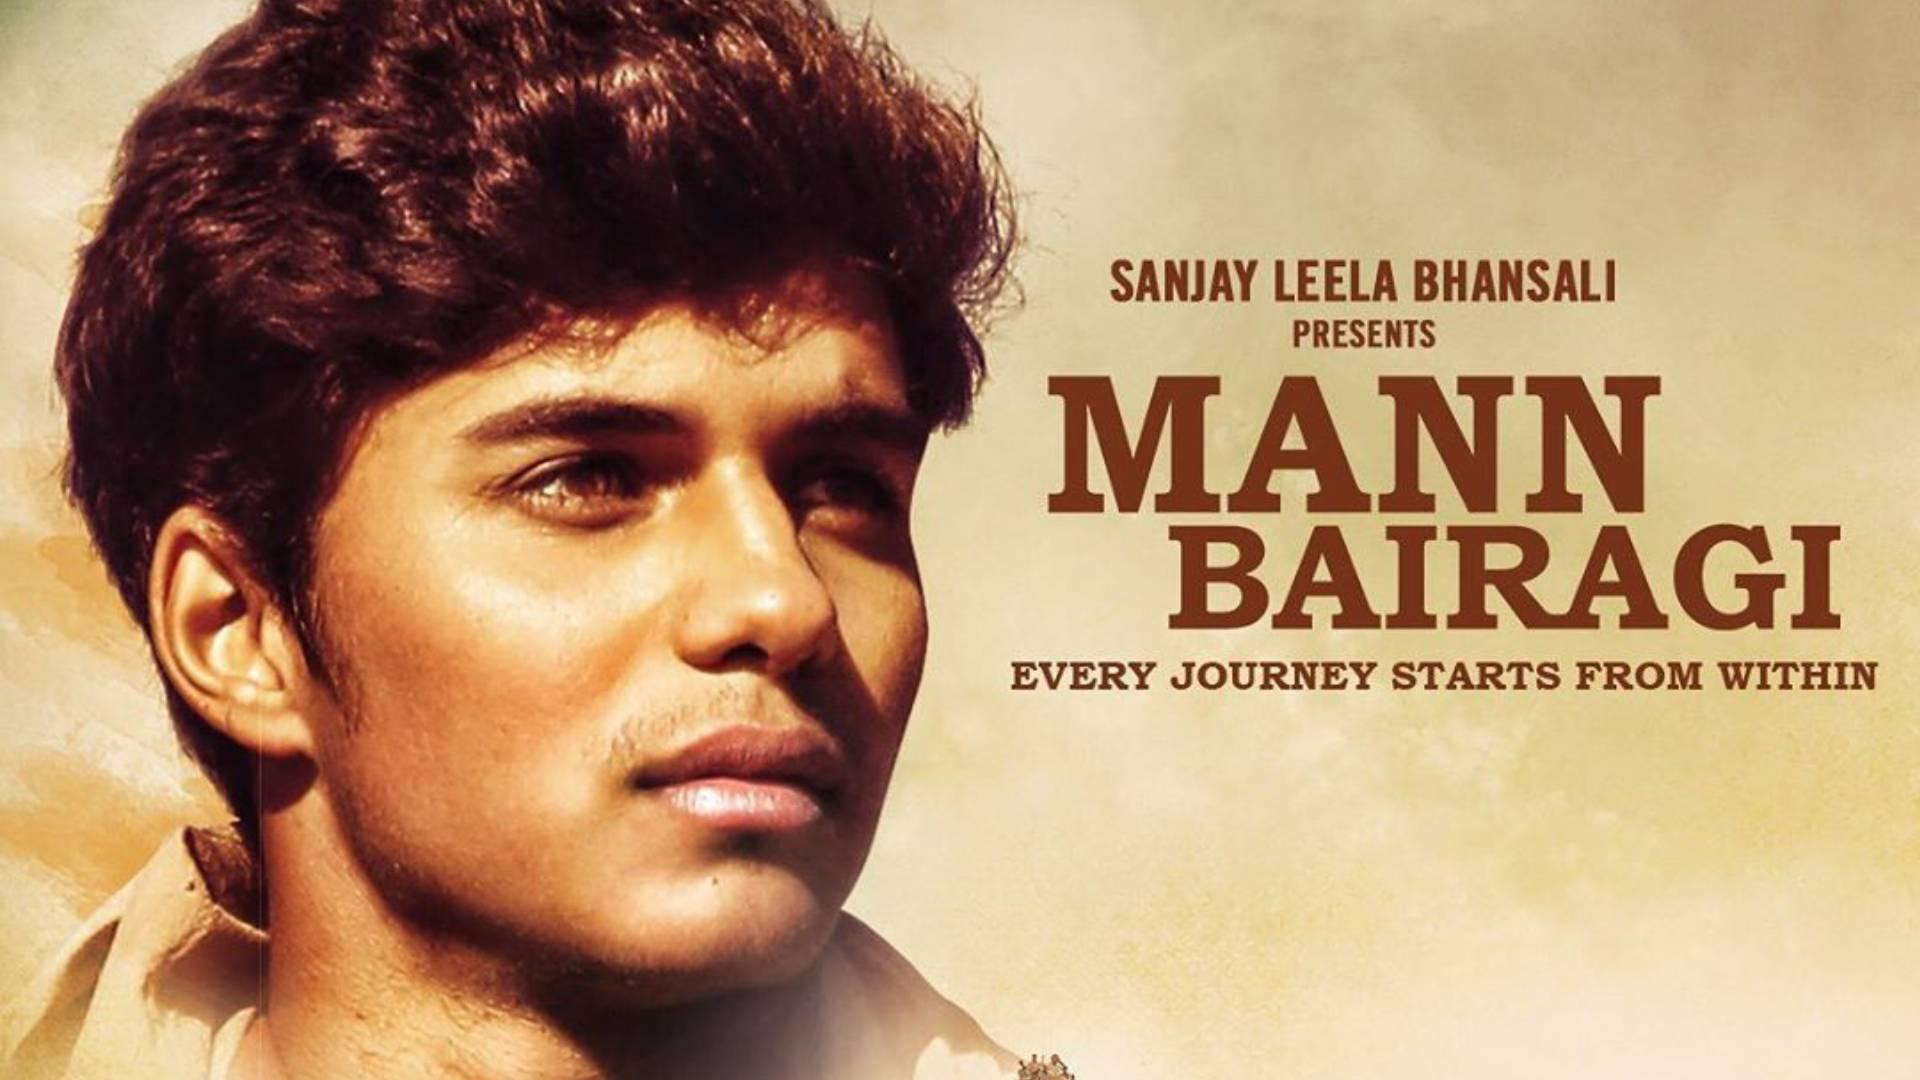 प्रधानमंत्री नरेंद्र मोदी पर बनेगी एक और फिल्म, संजय लीला भंसाली-सुपरस्टार प्रभास ने लॉन्च किया मूवी का पोस्टर